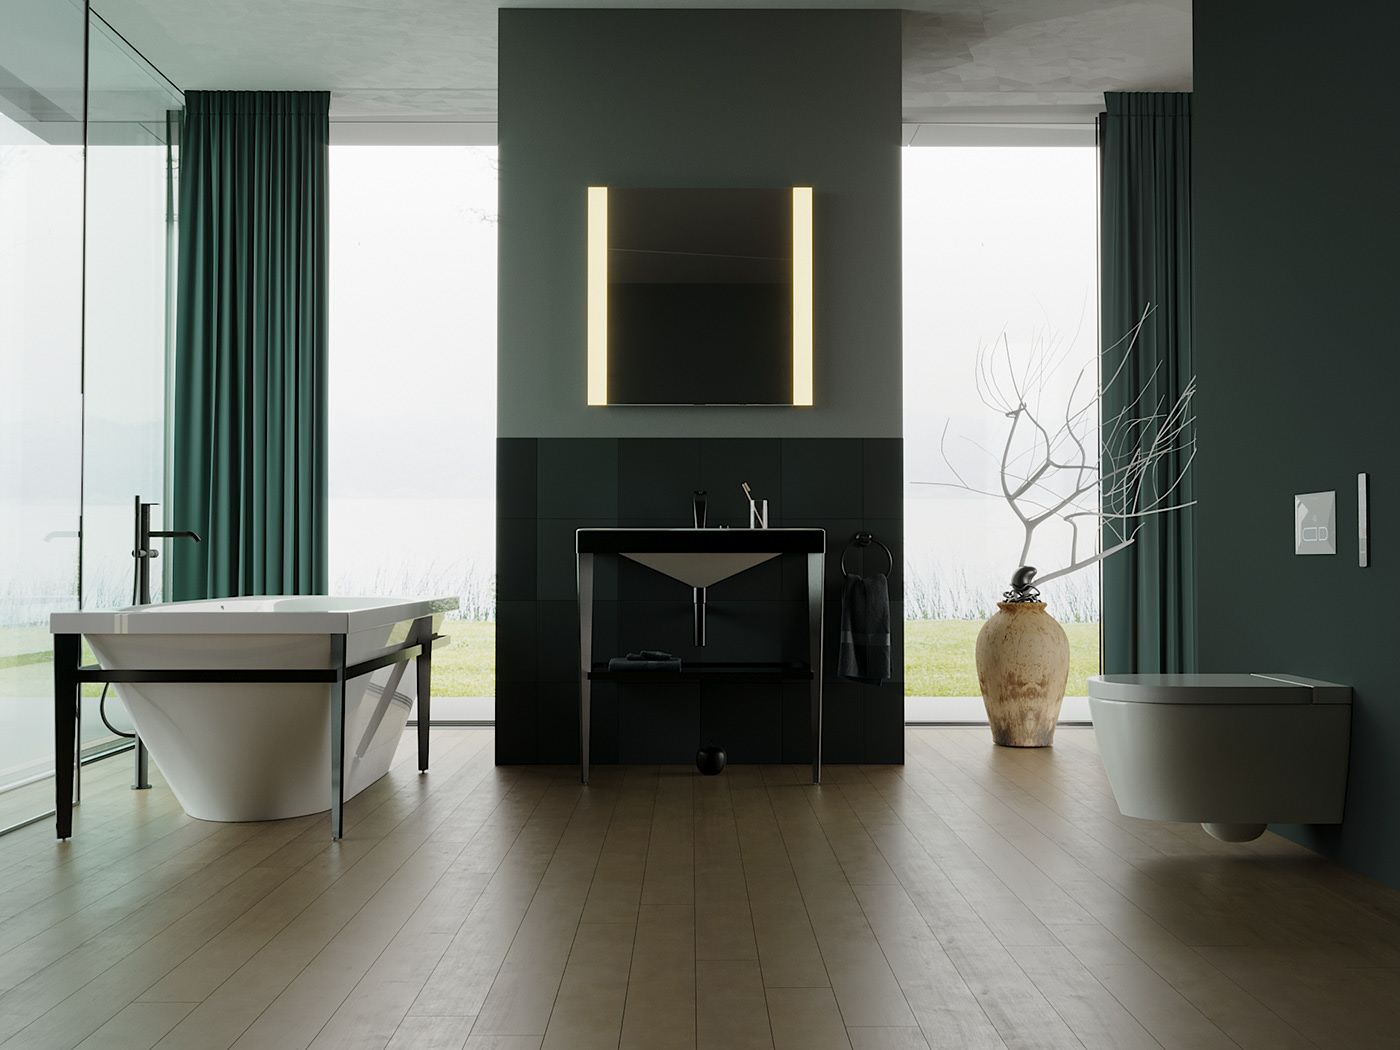 Infrarotheizung Badezimmer Spiegel